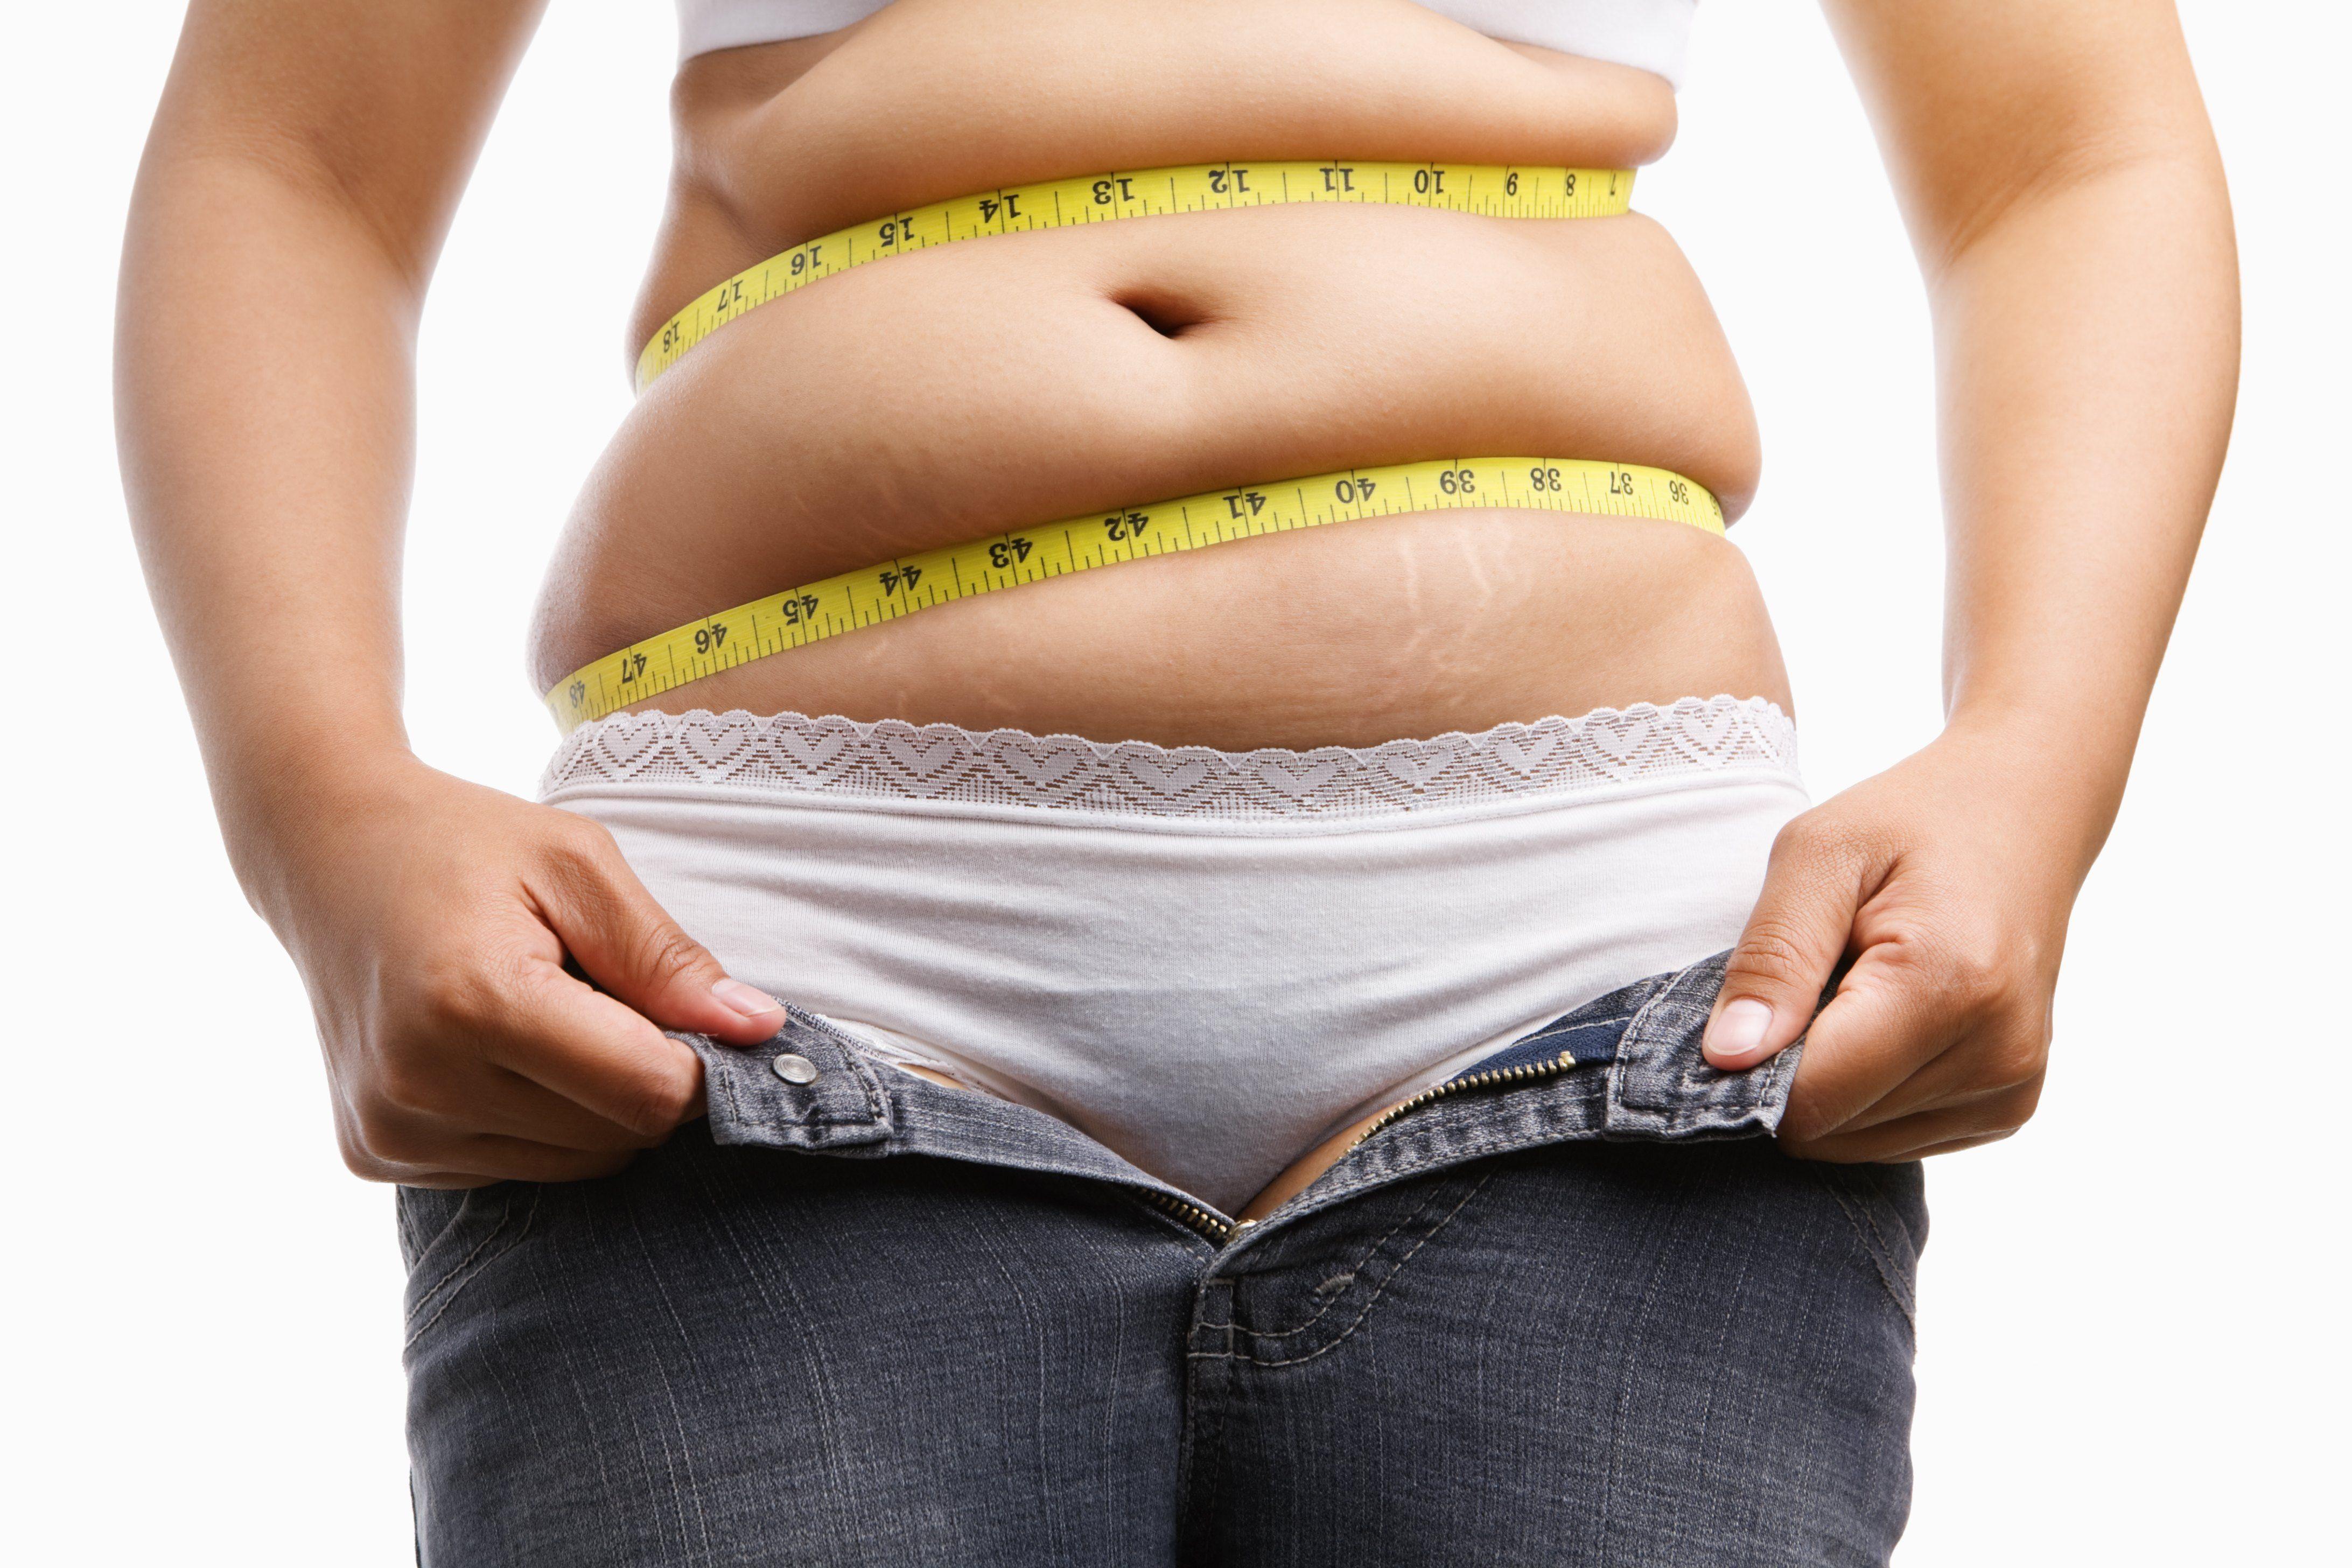 Cum să dai burta jos după 40 de ani fără diete restrictive?